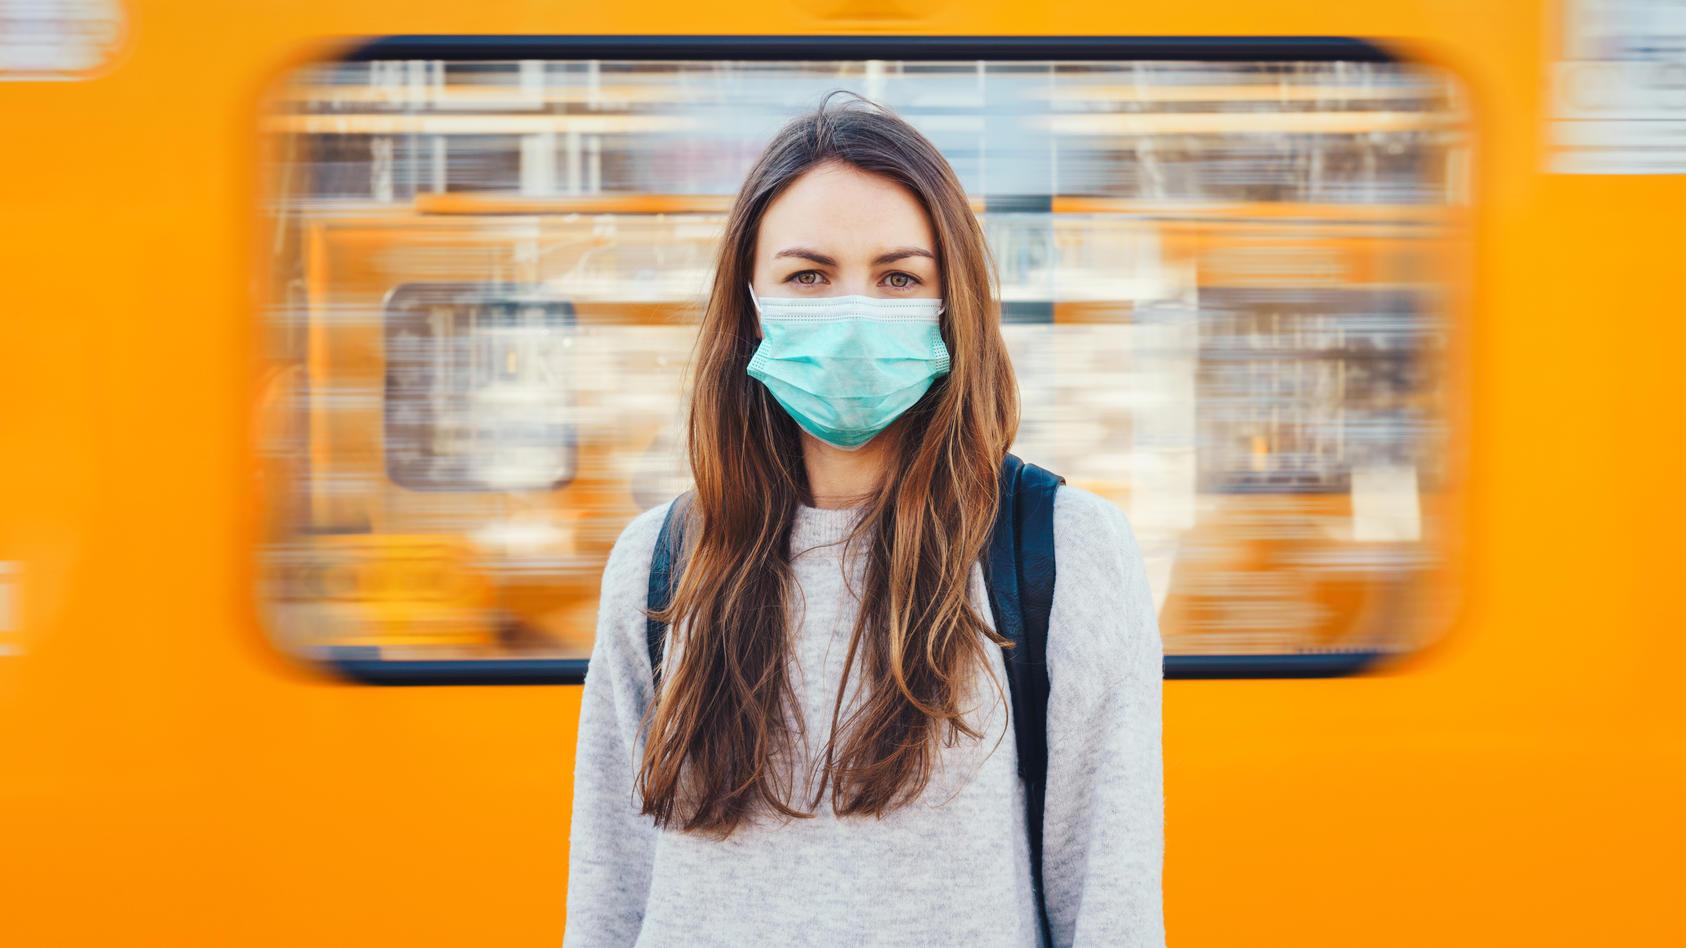 Einfache OP-Masken sollen nicht nur die Mitmenschen schützen, sondern auch den Träger selbst (Symbolbild).